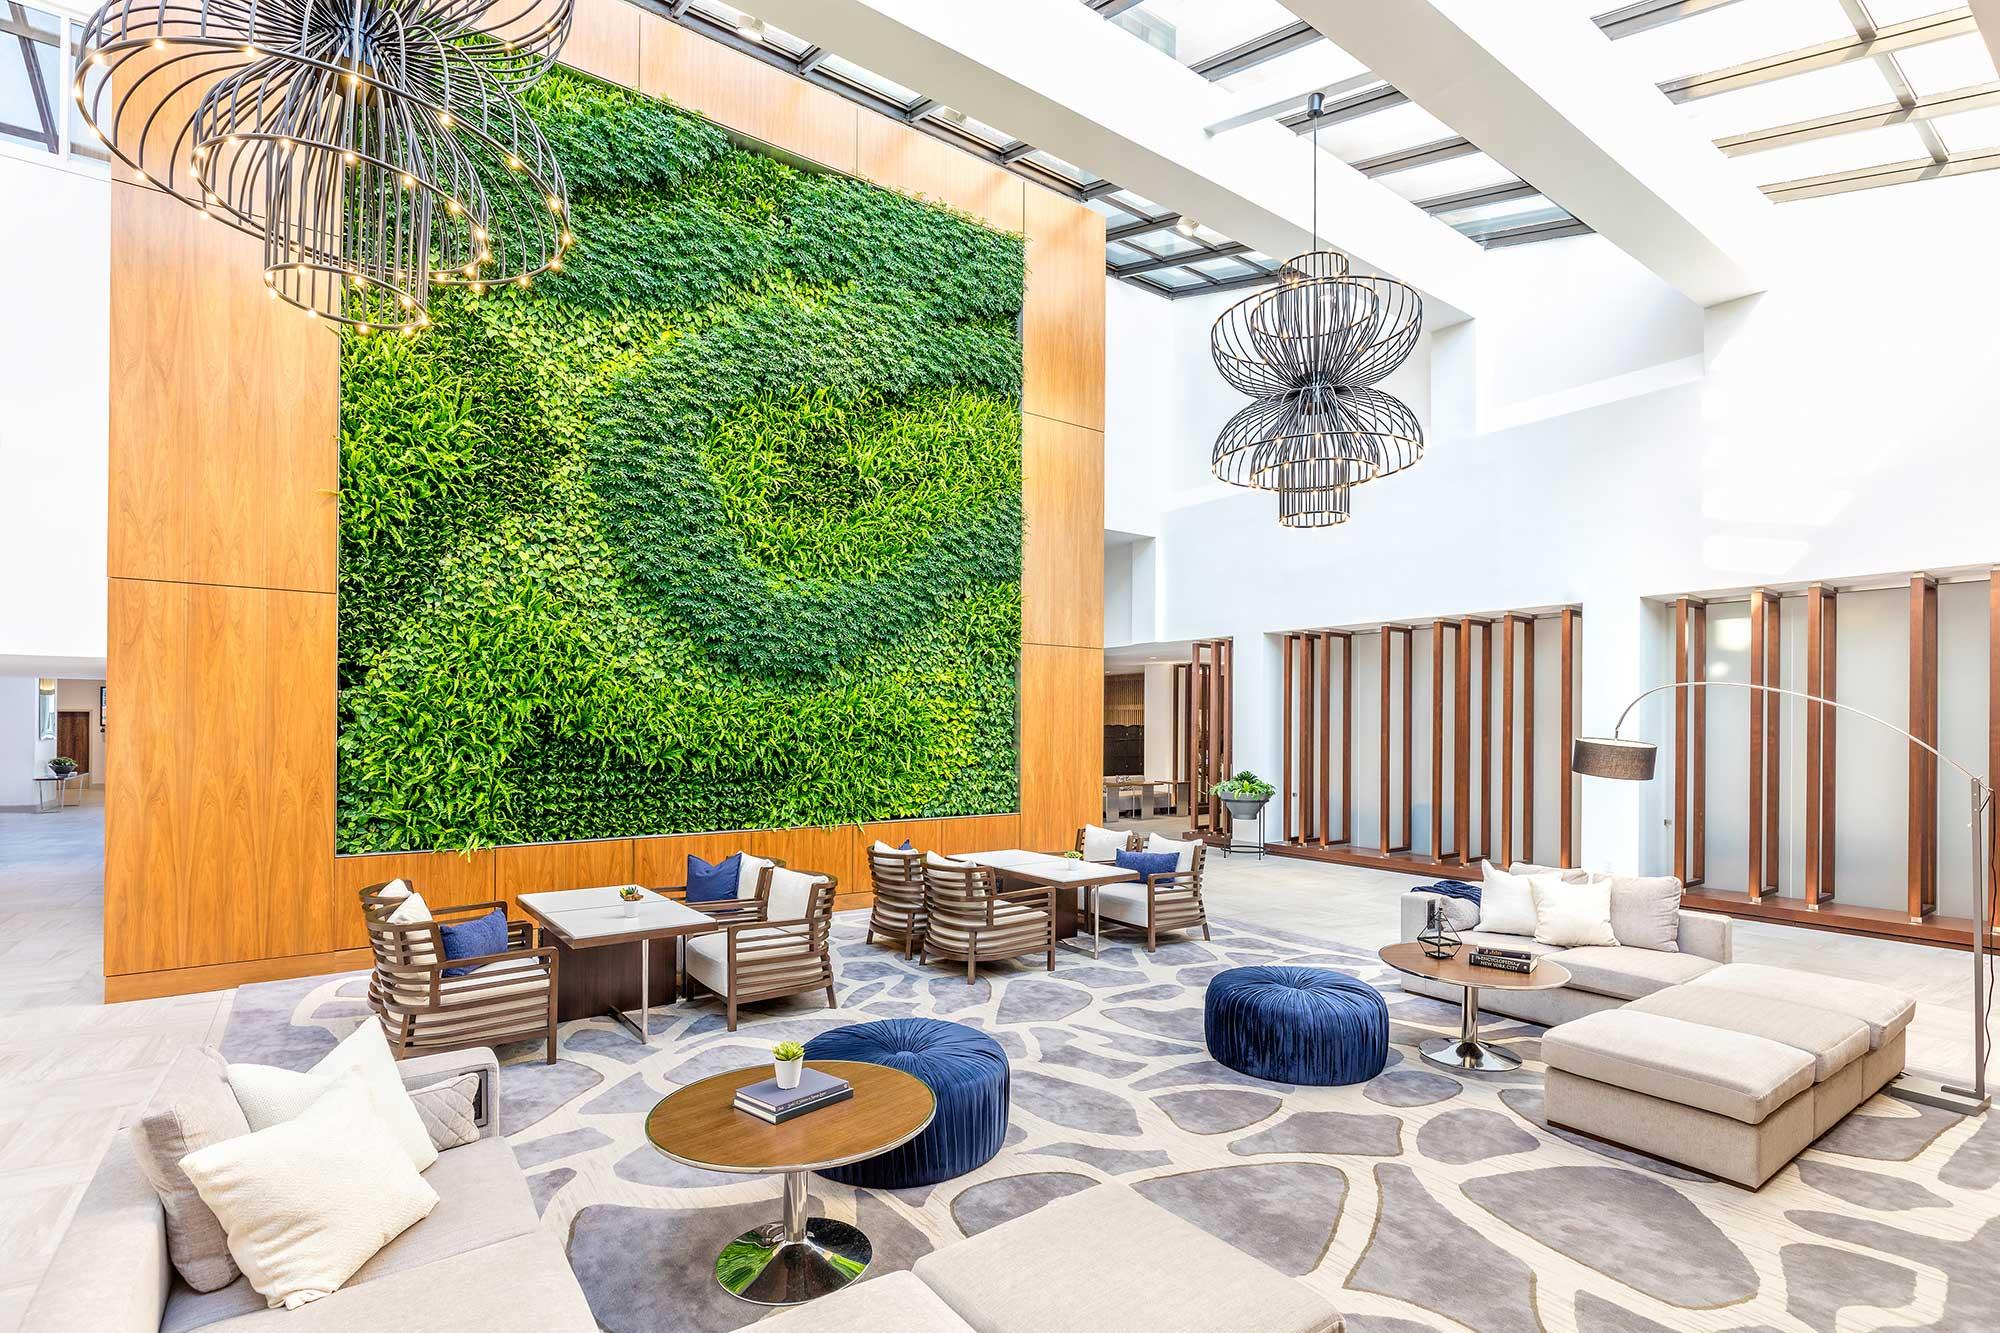 Interior design for hotels in Kolkata